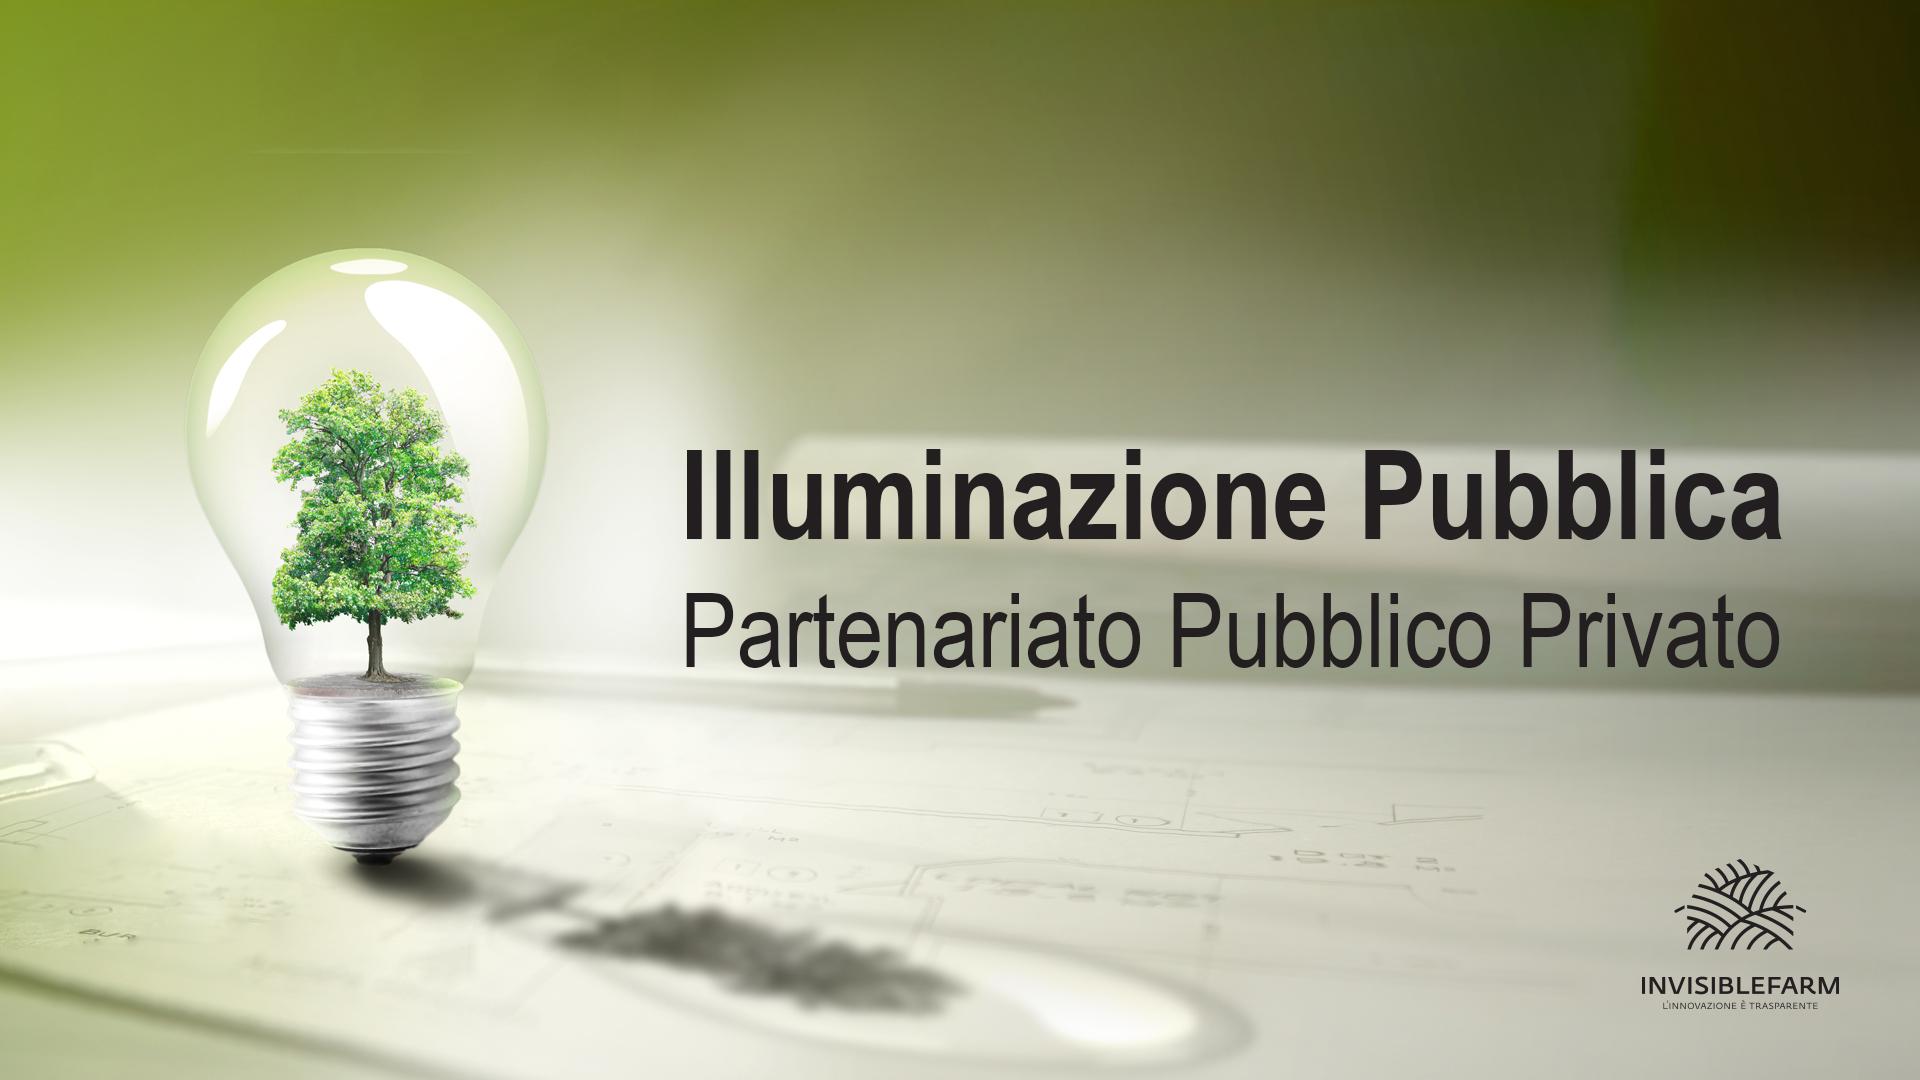 Illuminazione Pubblica: Partenariato Pubblico Privato